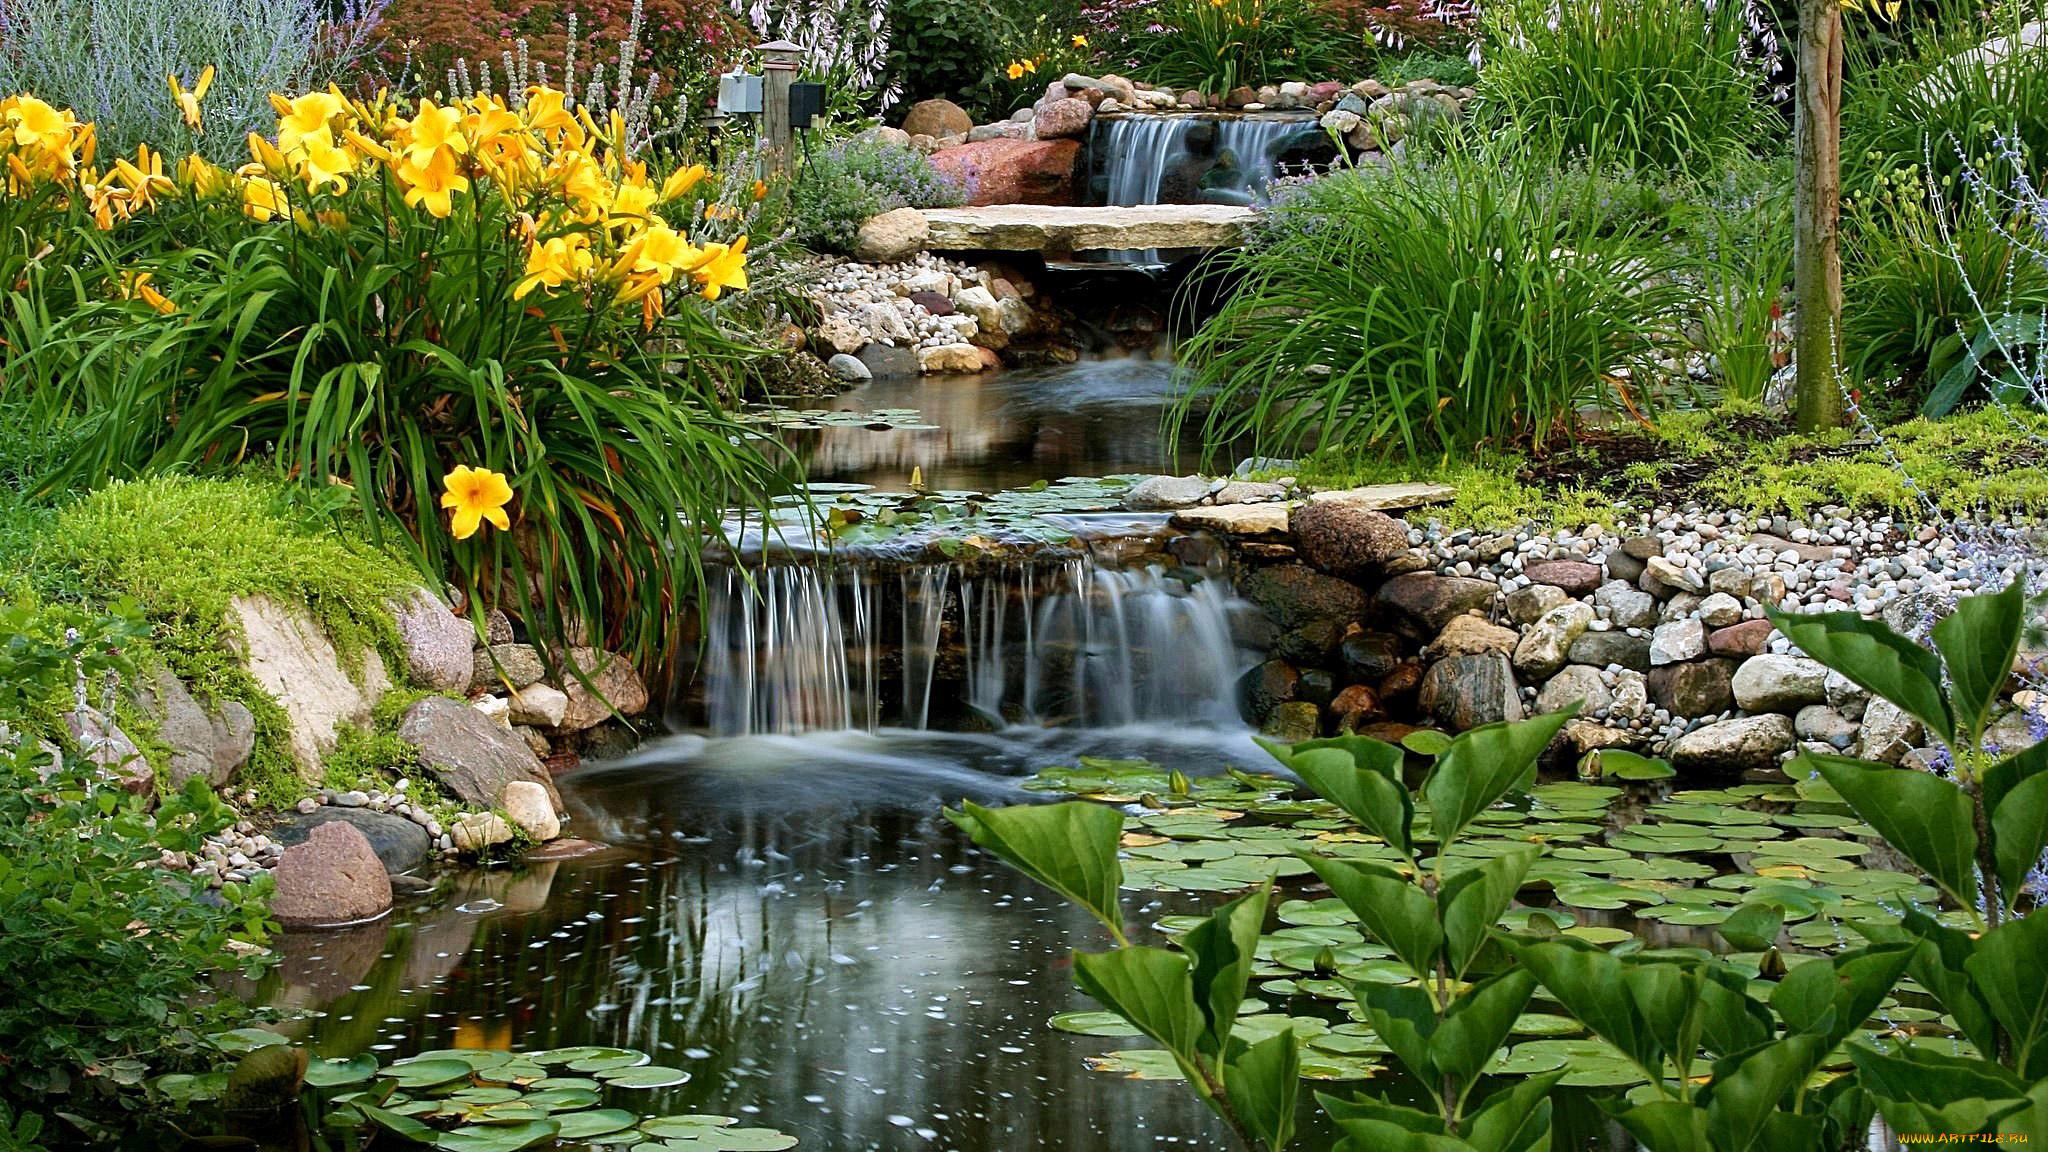 картинки водоемов с водопадом любим уважаем